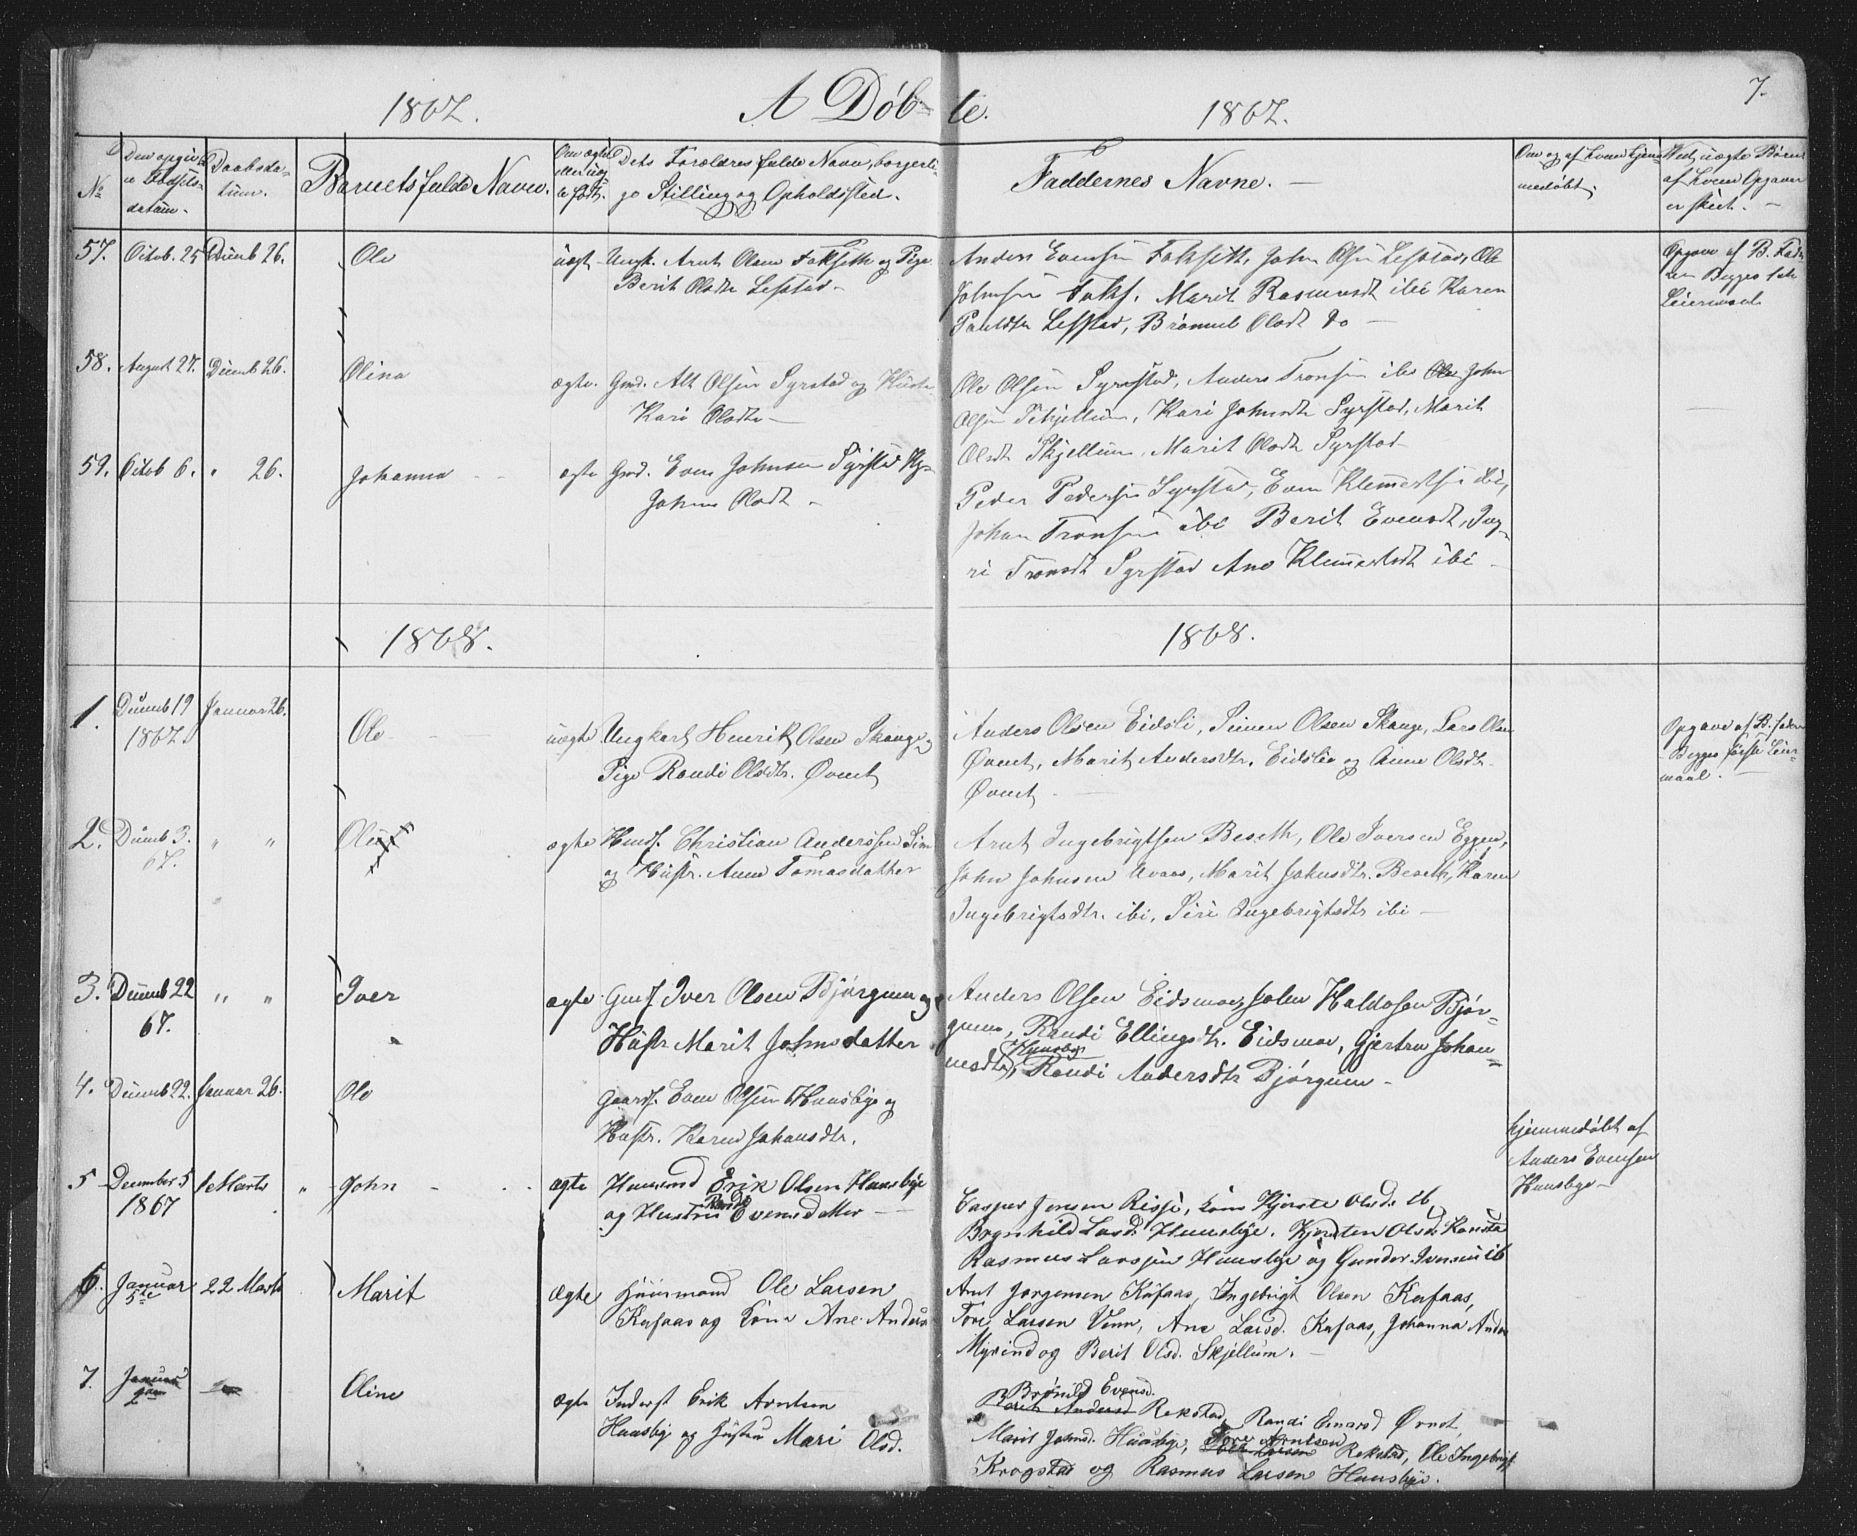 SAT, Ministerialprotokoller, klokkerbøker og fødselsregistre - Sør-Trøndelag, 667/L0798: Klokkerbok nr. 667C03, 1867-1929, s. 7